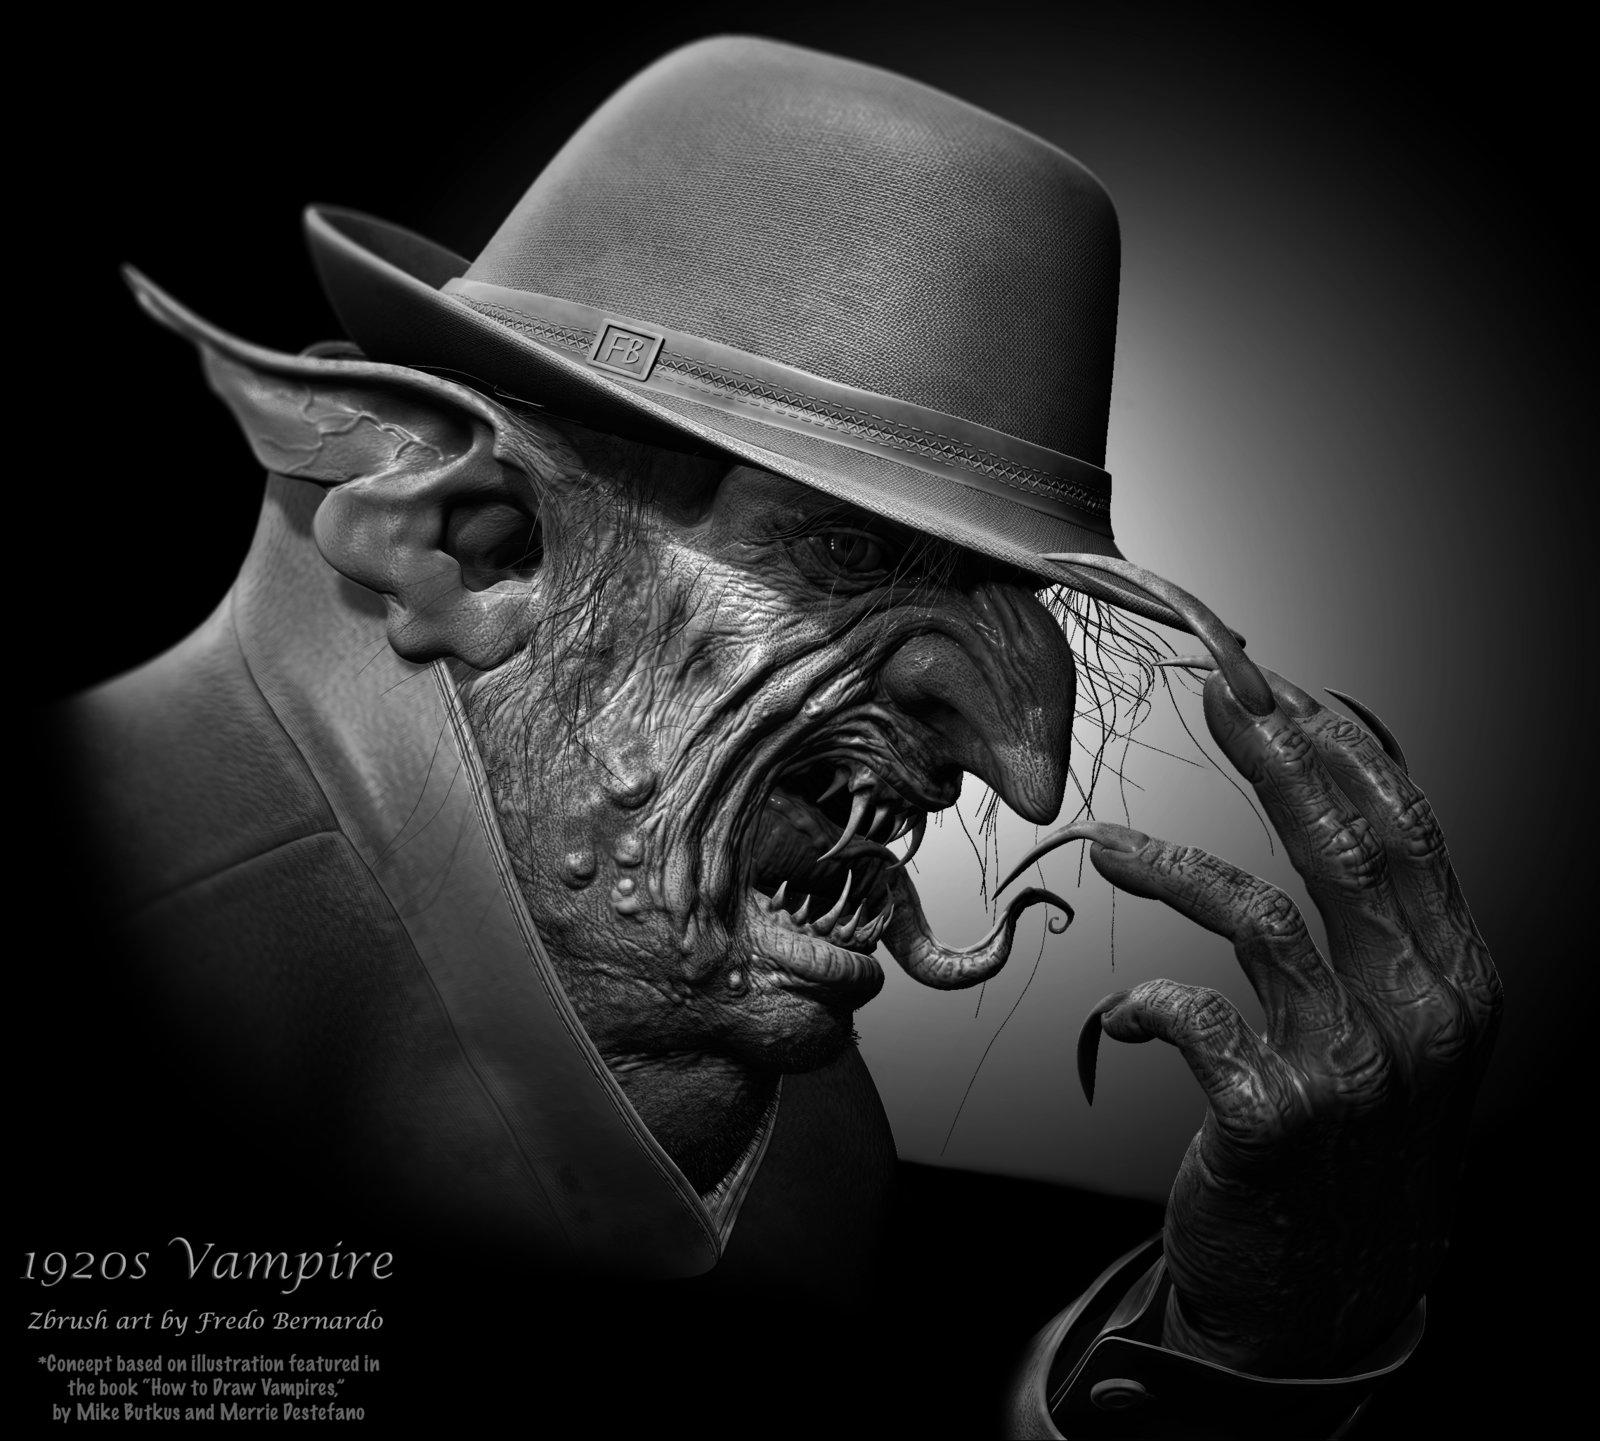 1920s Vampire